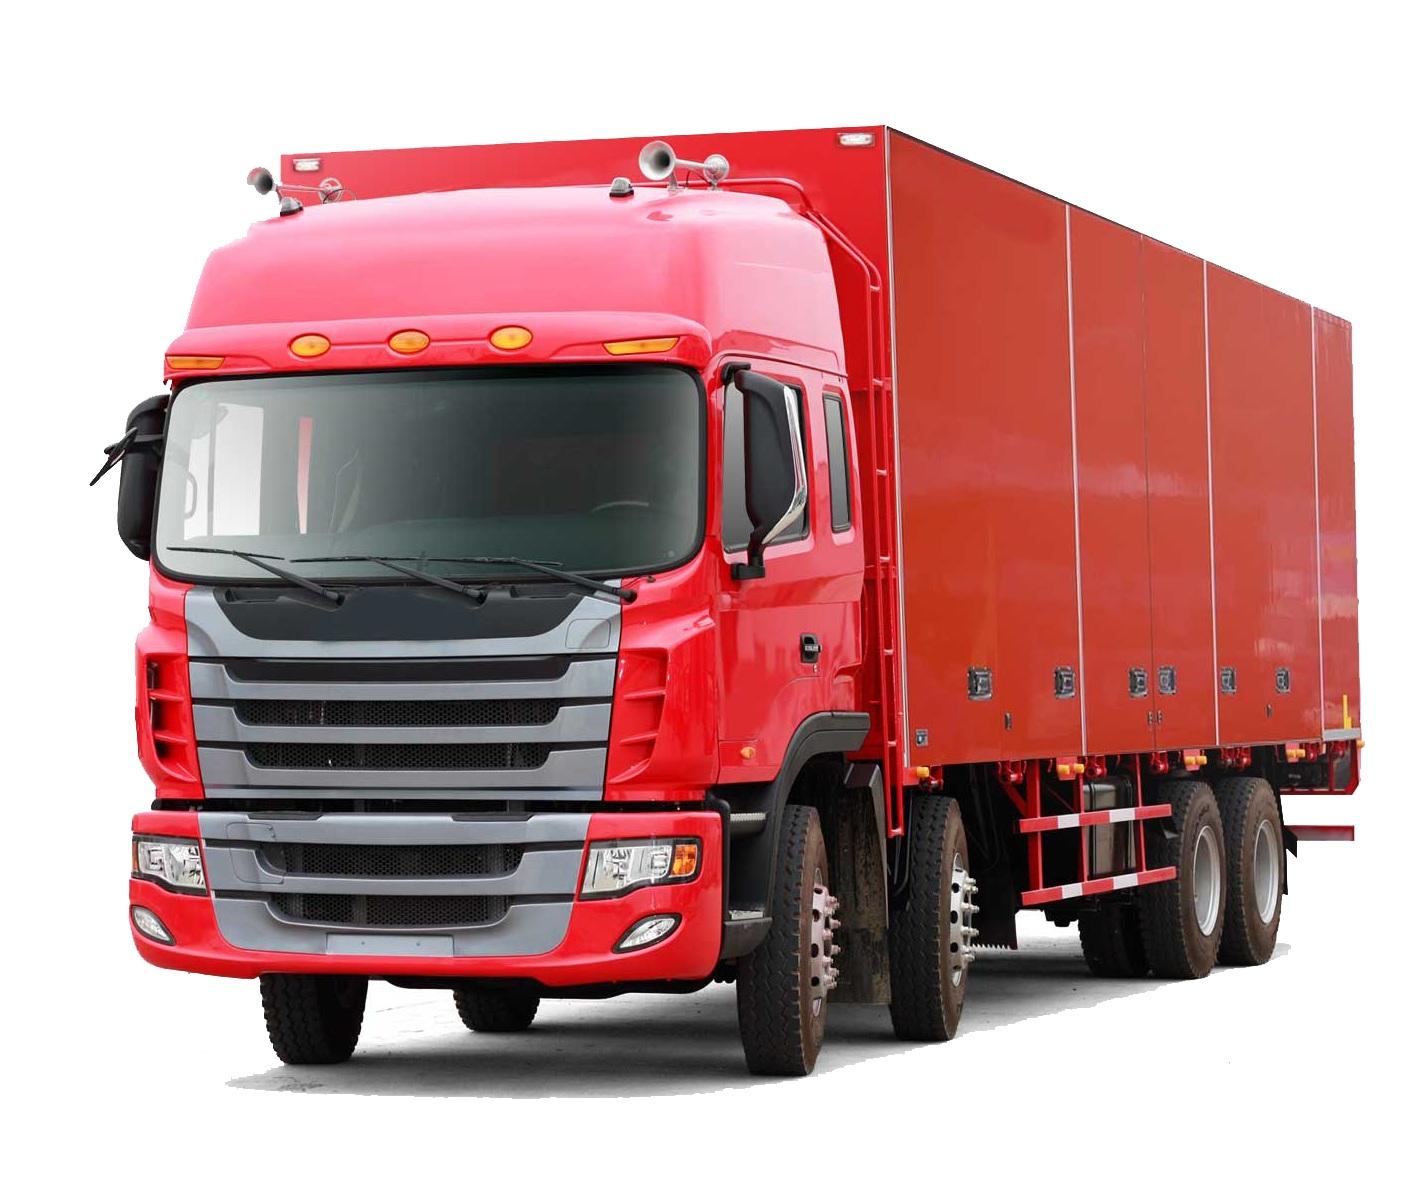 Грузовой транспорт - основной способ перевозок